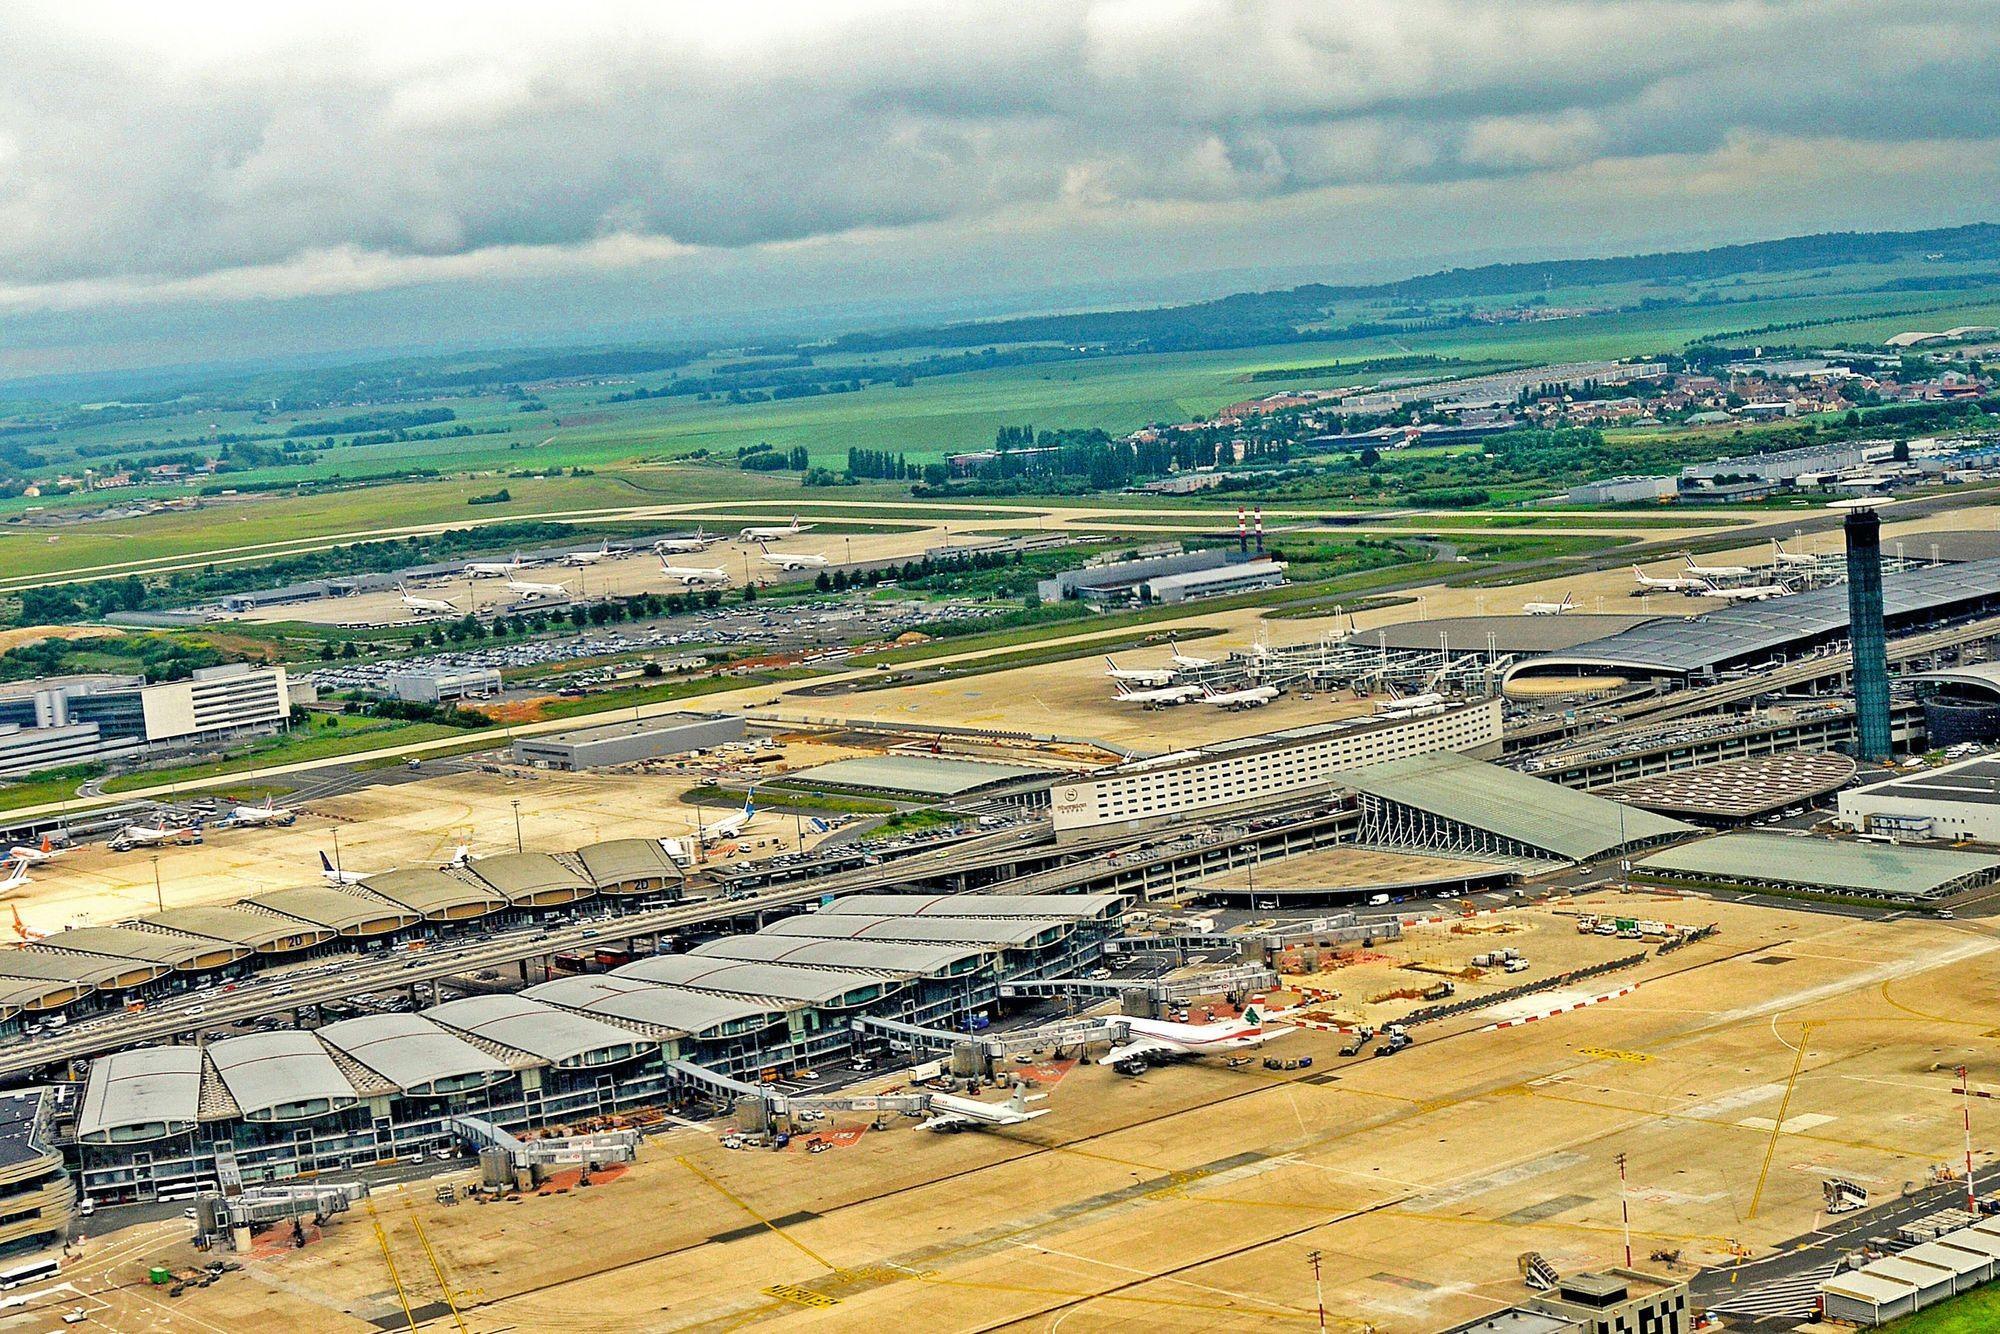 Le terminal 2 de l'aéroport Roissy Charles-de-Gaulle